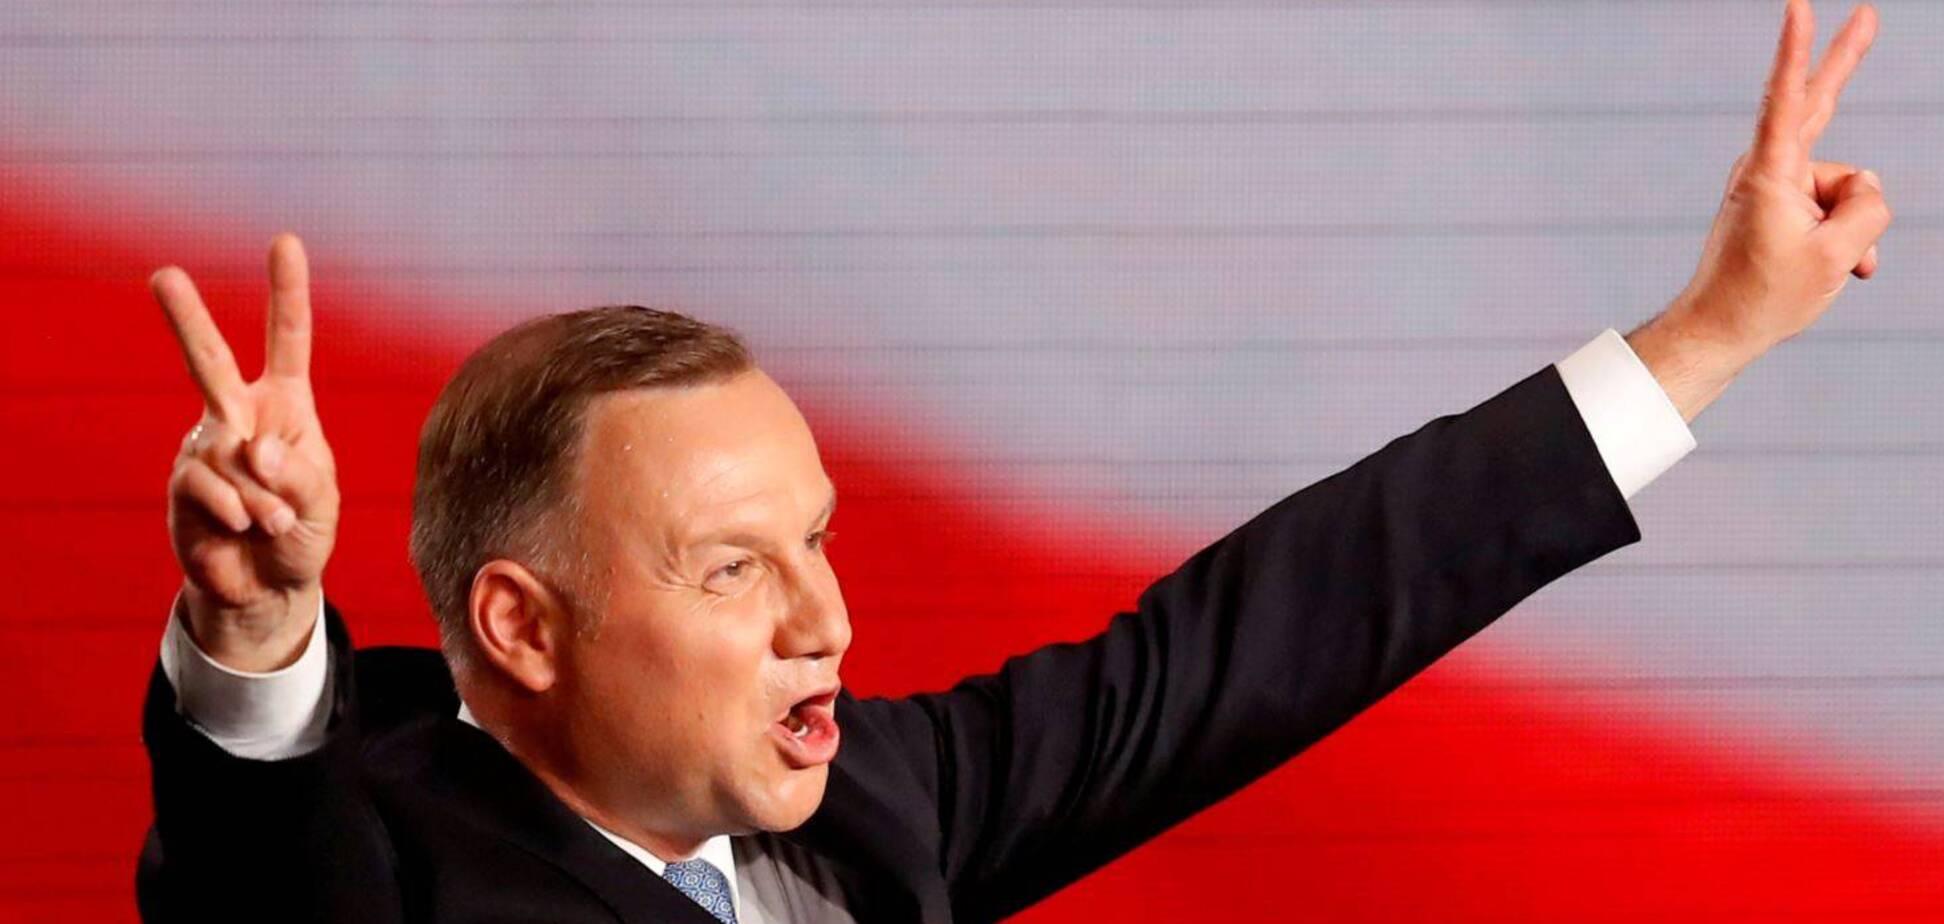 Анджей Дуда випередив Рафала Тшасковського трохи більш ніж на 2 відсотки. Джерело: Reuters